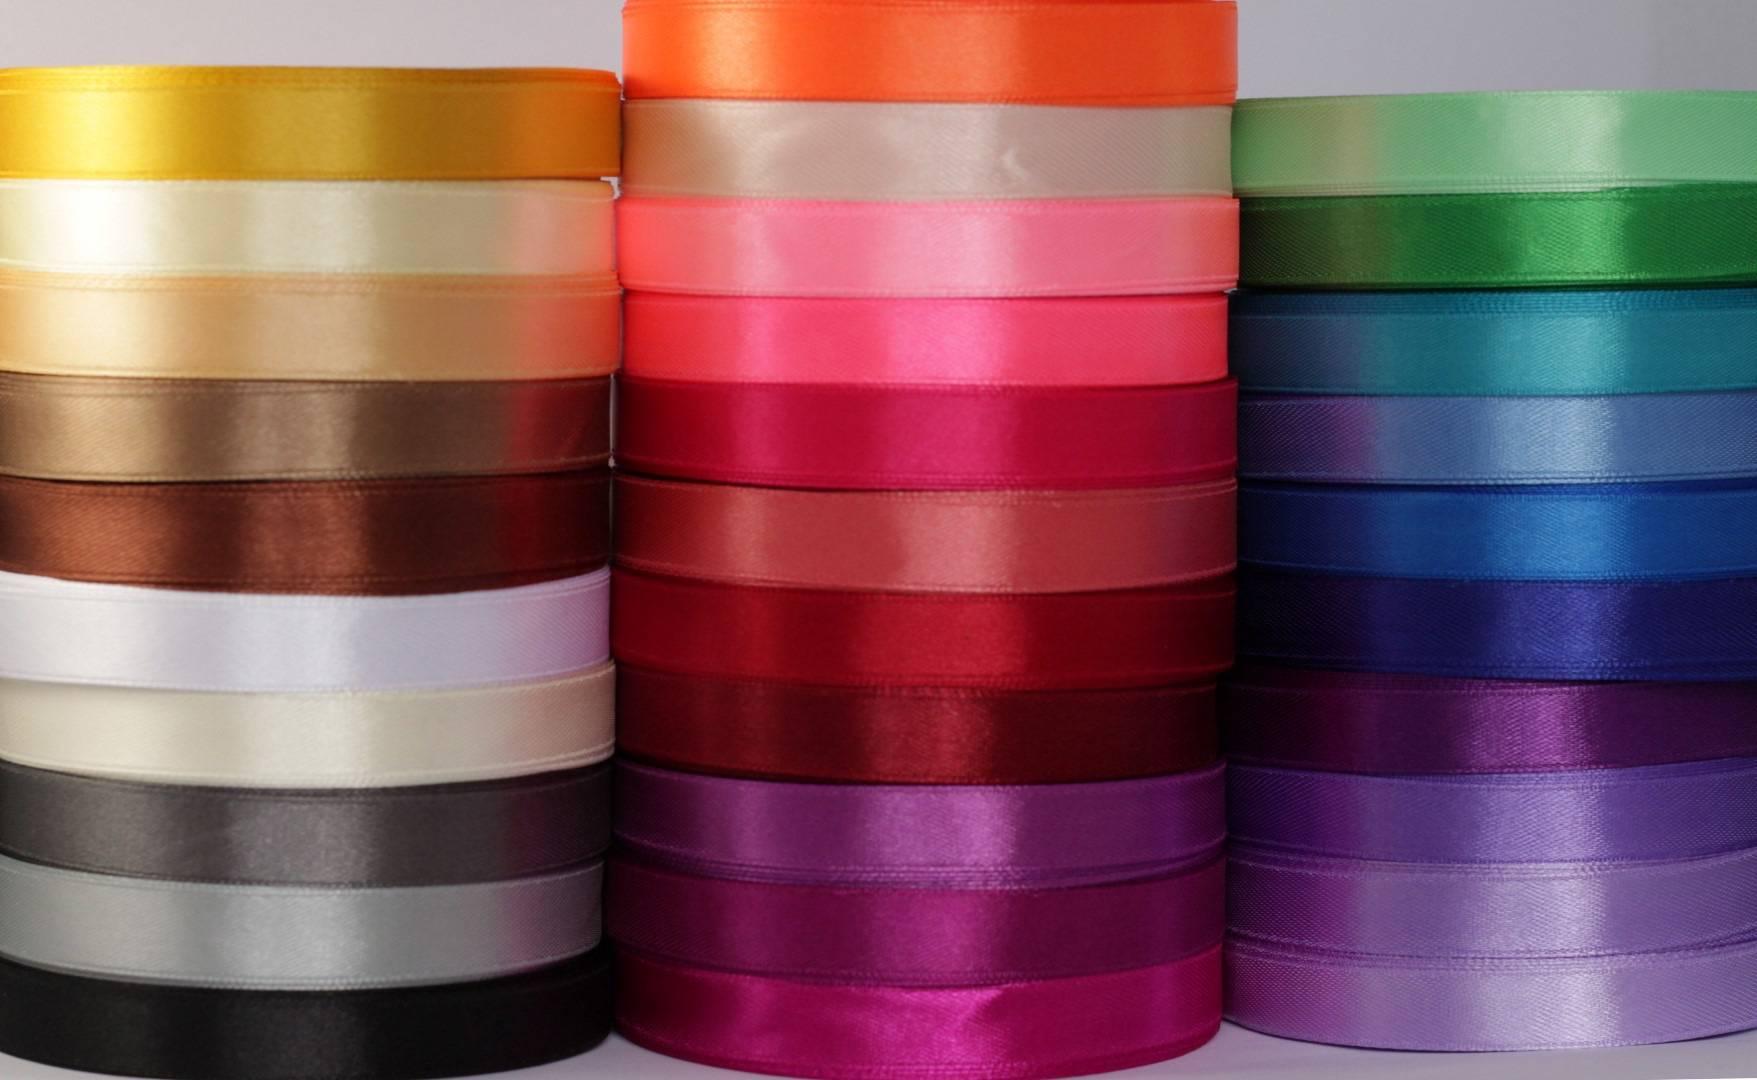 Grand Lot de 87 m rubans satin * largeur 12 mm * 29 couleurs